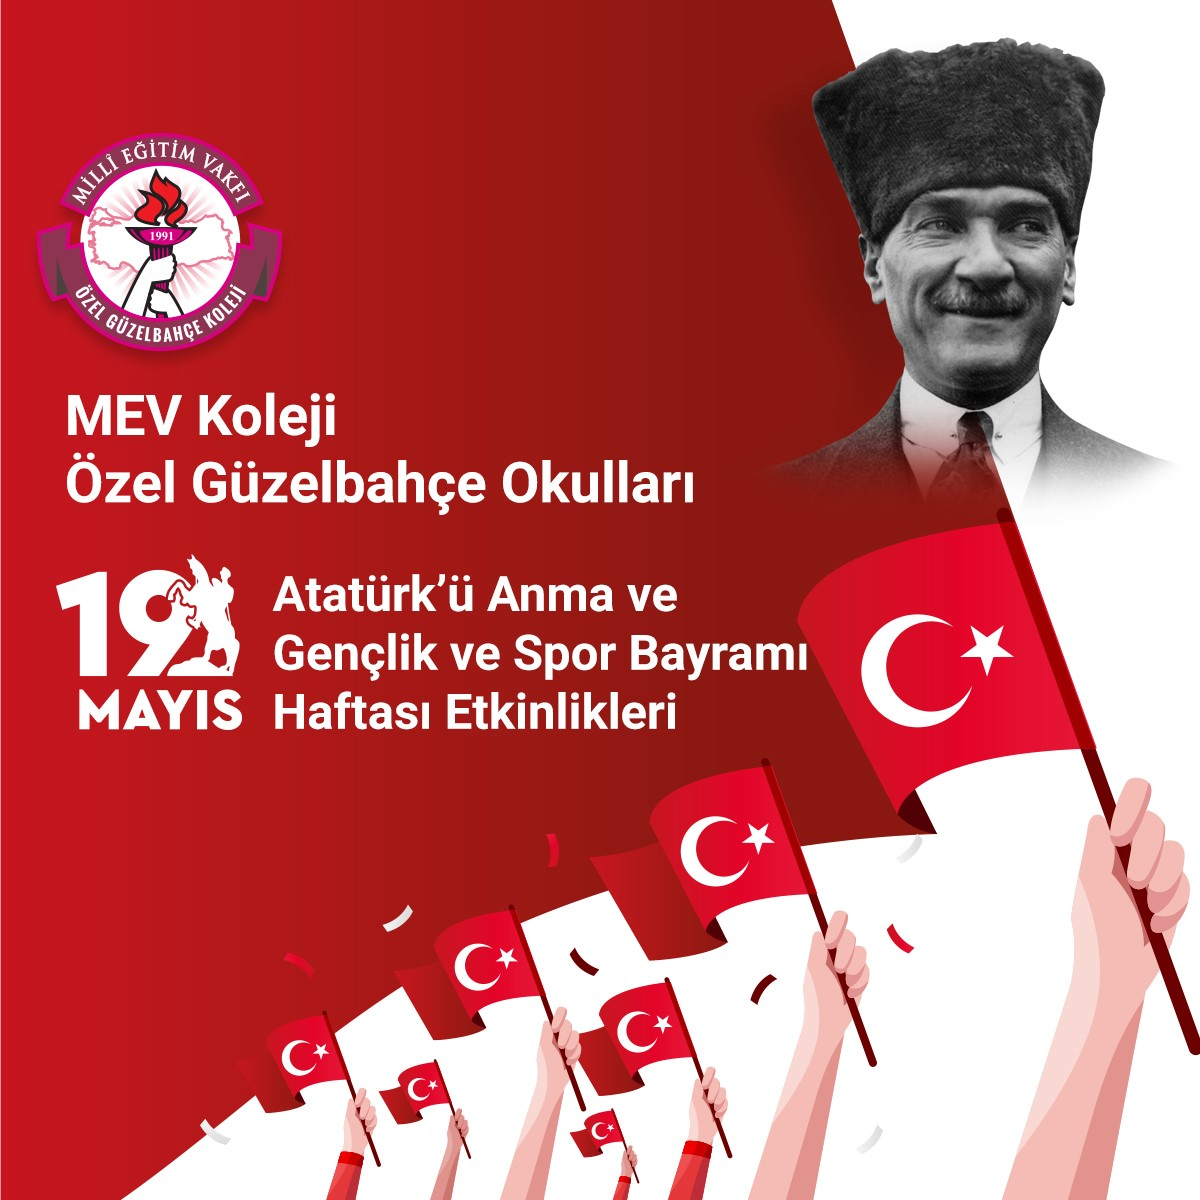 19 Mayıs Atatürk'ü Anma Gençlik ve Spor Bayramı Programı